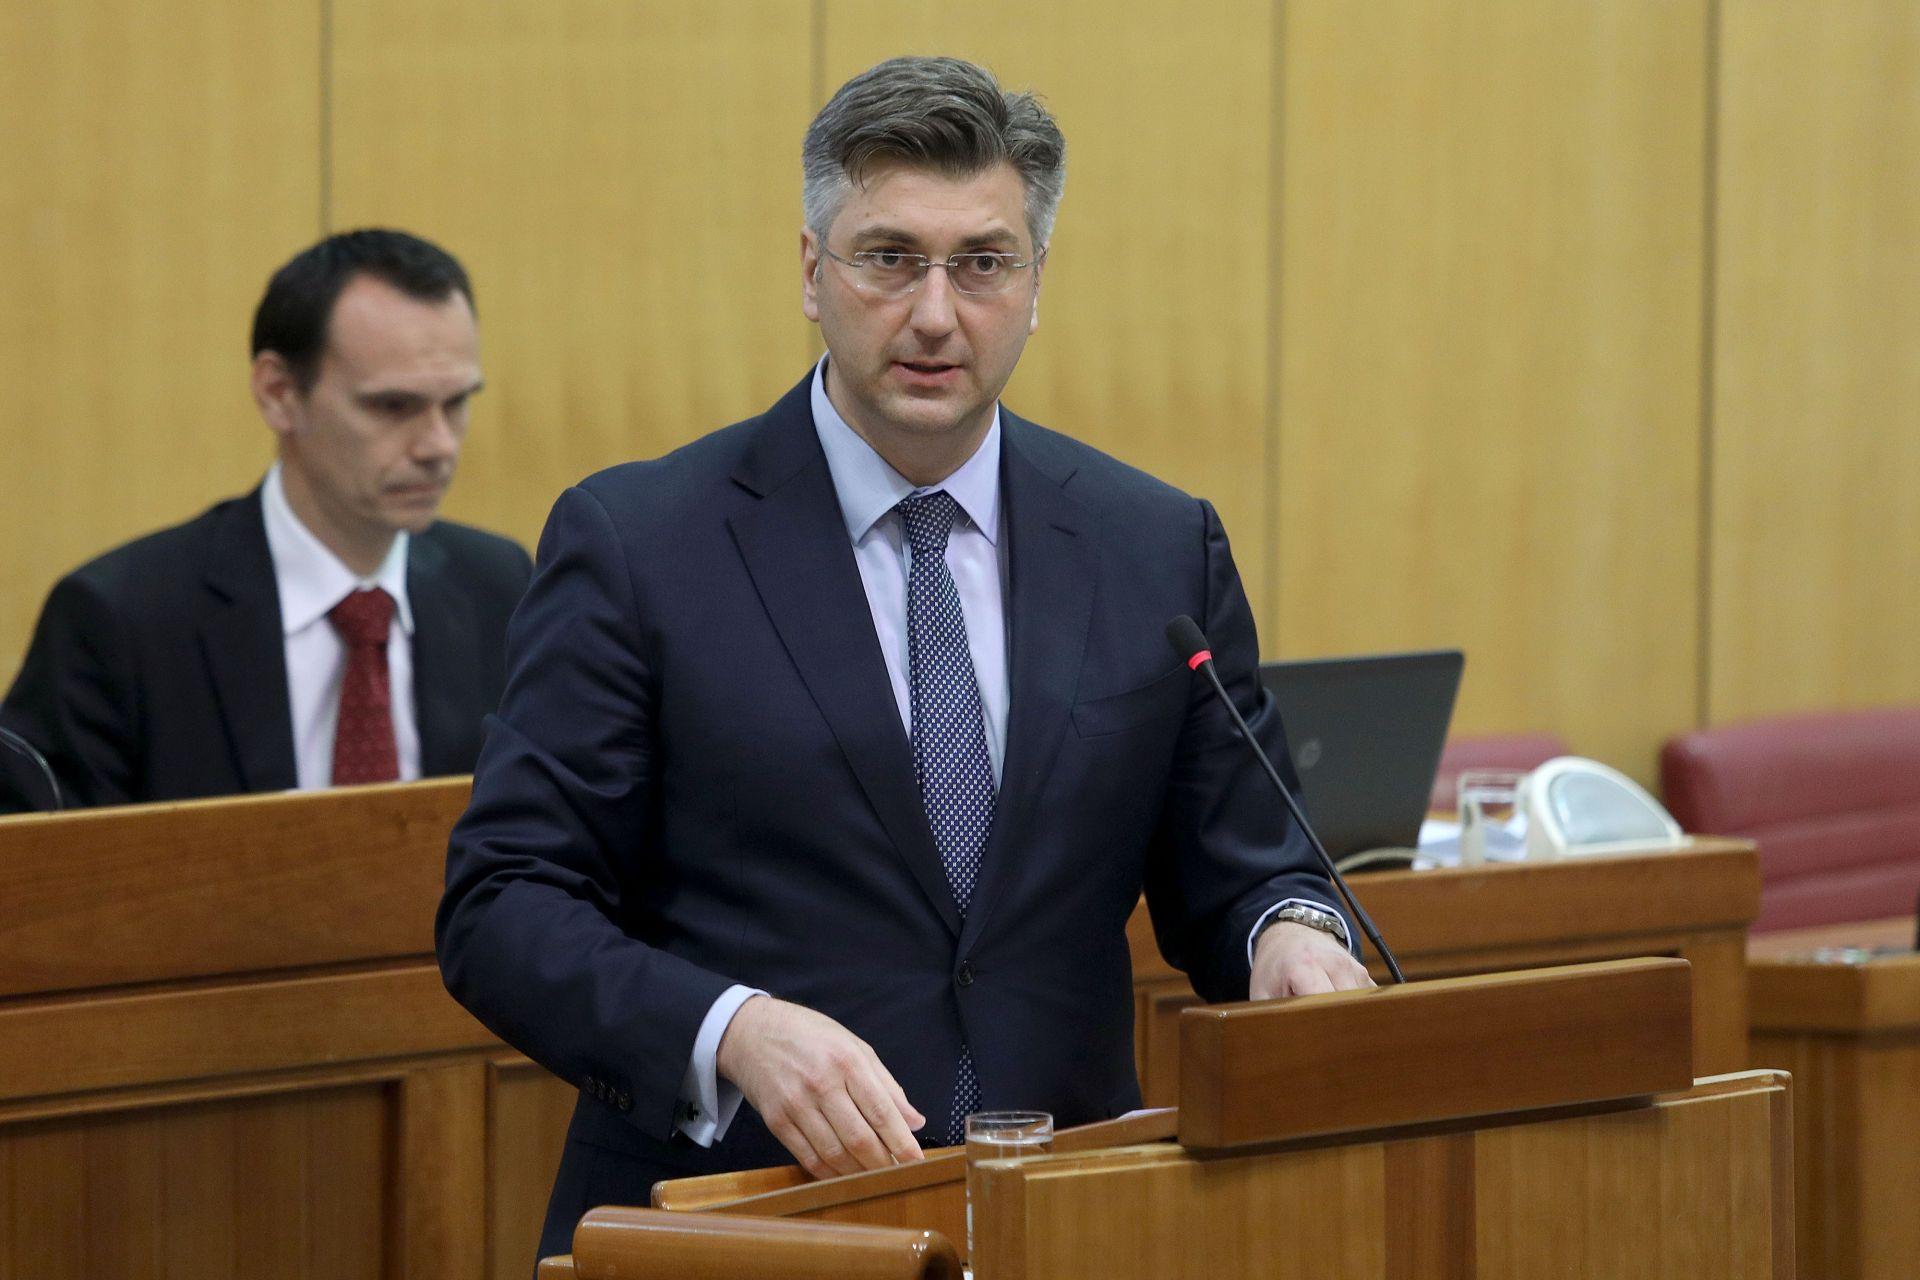 AGROKOR Plenković: Glavni ciljevi su zaštita svih dionika i interesa hrvatskog gospodarstva